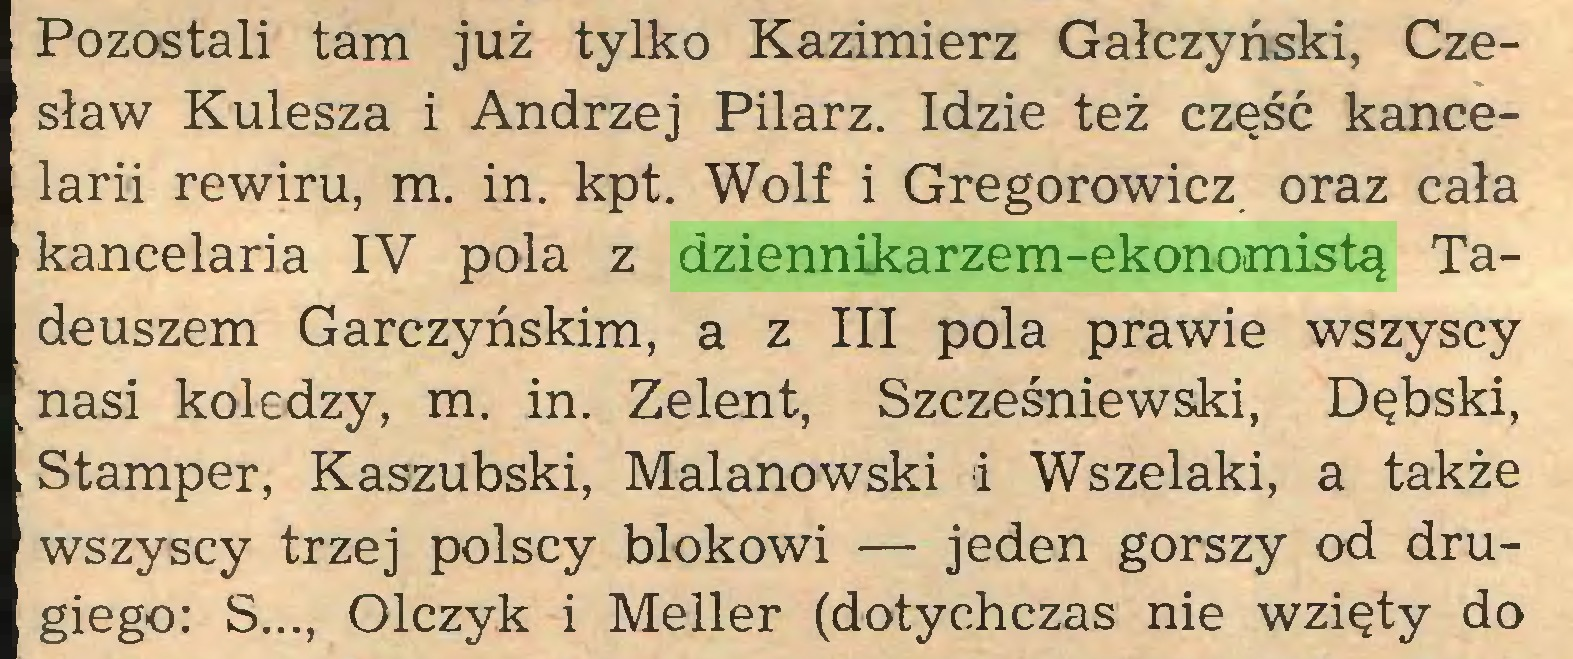 (...) Pozostali tam już tylko Kazimierz Gałczyński, Czesław Kulesza i Andrzej Pilarz. Idzie też część kancelarii rewiru, m. in. kpt. Wolf i Gregorowicz oraz cała kancelaria IV pola z dziennikarzem-ekonomistą Tadeuszem Garczyńskim, a z III pola prawie wszyscy nasi koledzy, m. in. Zelent, Szcześniewski, Dębski, Stamper, Kaszubski, Malanowski i Wszelaki, a także wszyscy trzej polscy blokowi — jeden gorszy od drugiego: S..., Olczyk i Meller (dotychczas nie wzięty do...